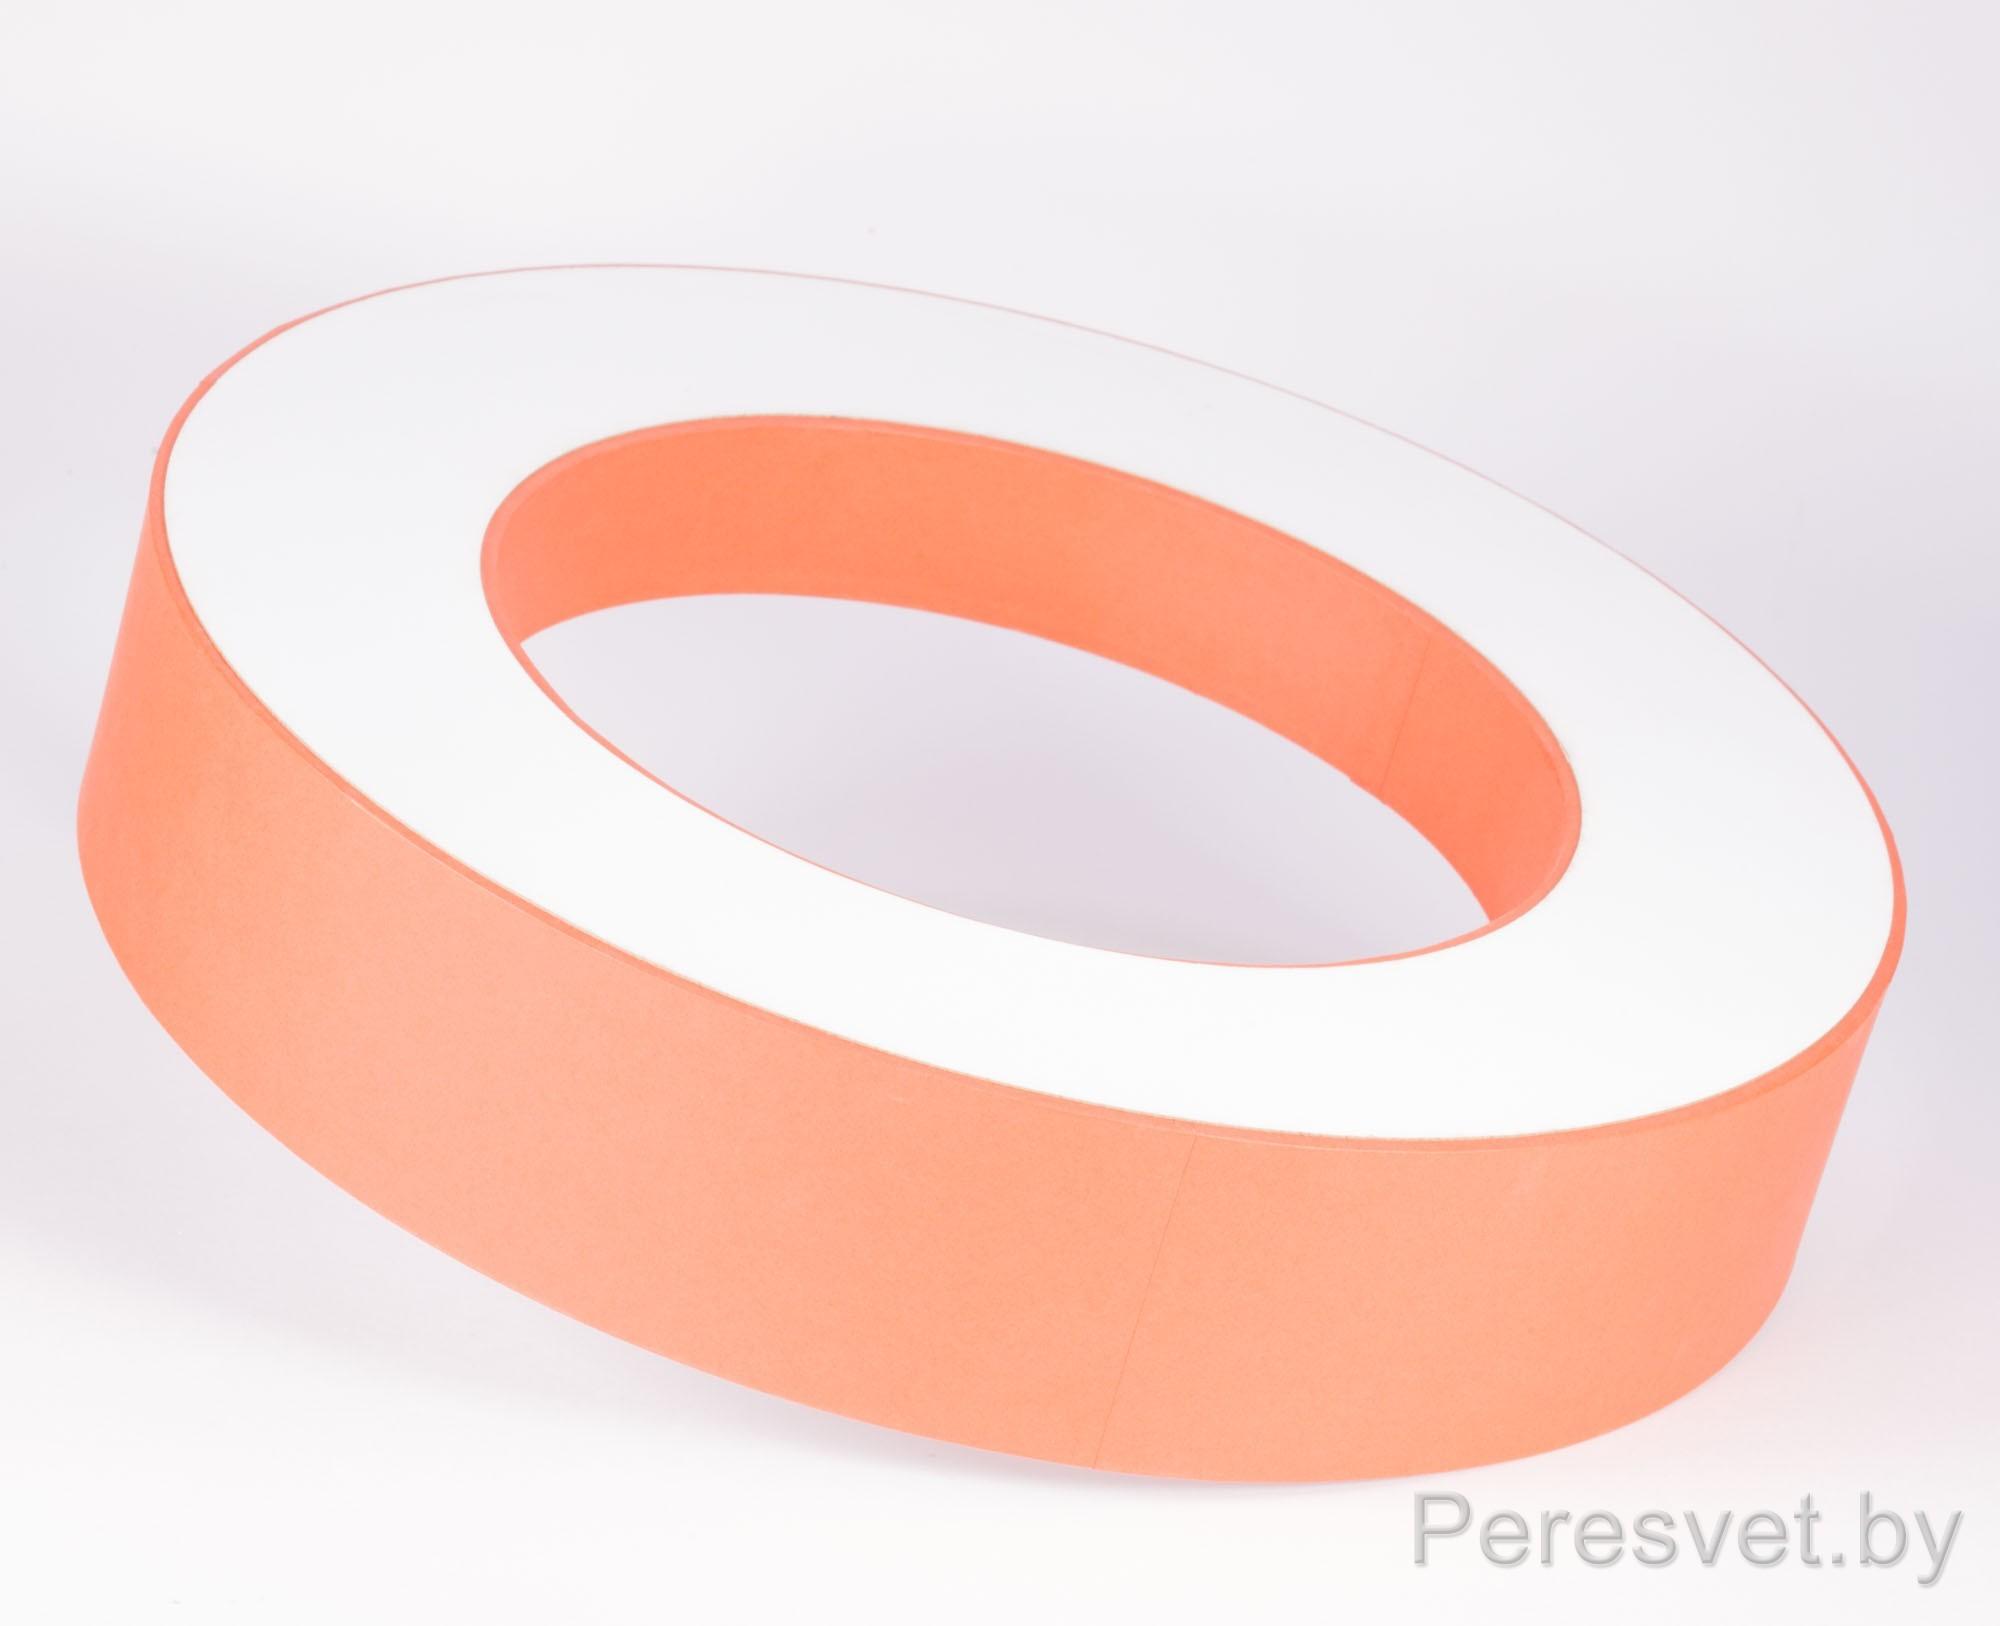 Подарочная упаковка Бублик для сладостей опт на peresvet.by